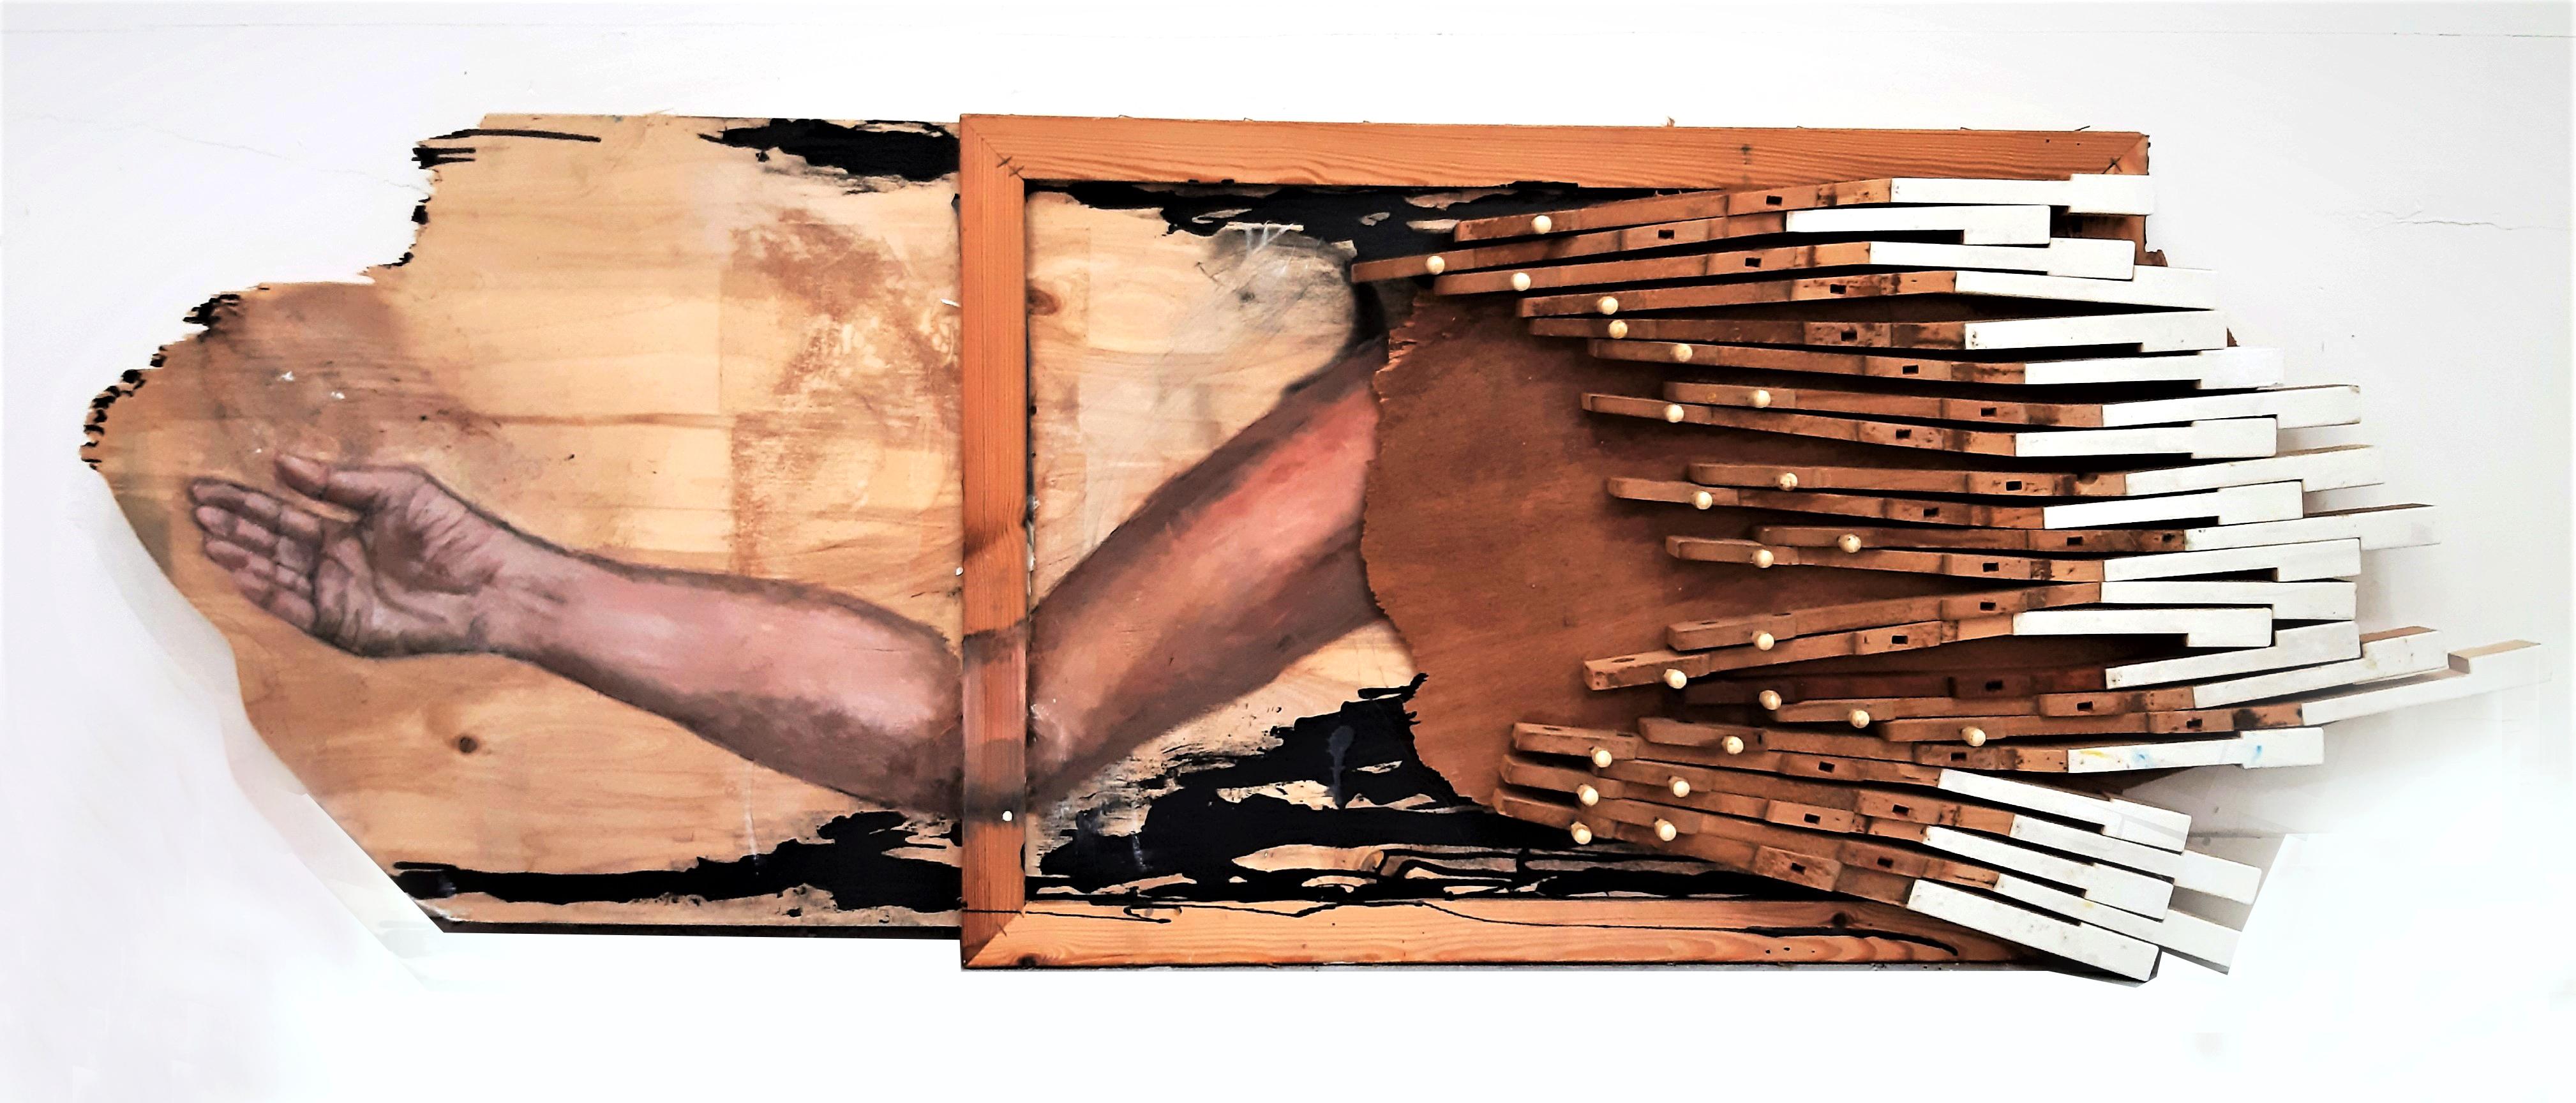 אסתי דרורי חיות,1.35-50,טכניקה מעורבת על עץ2 (1)